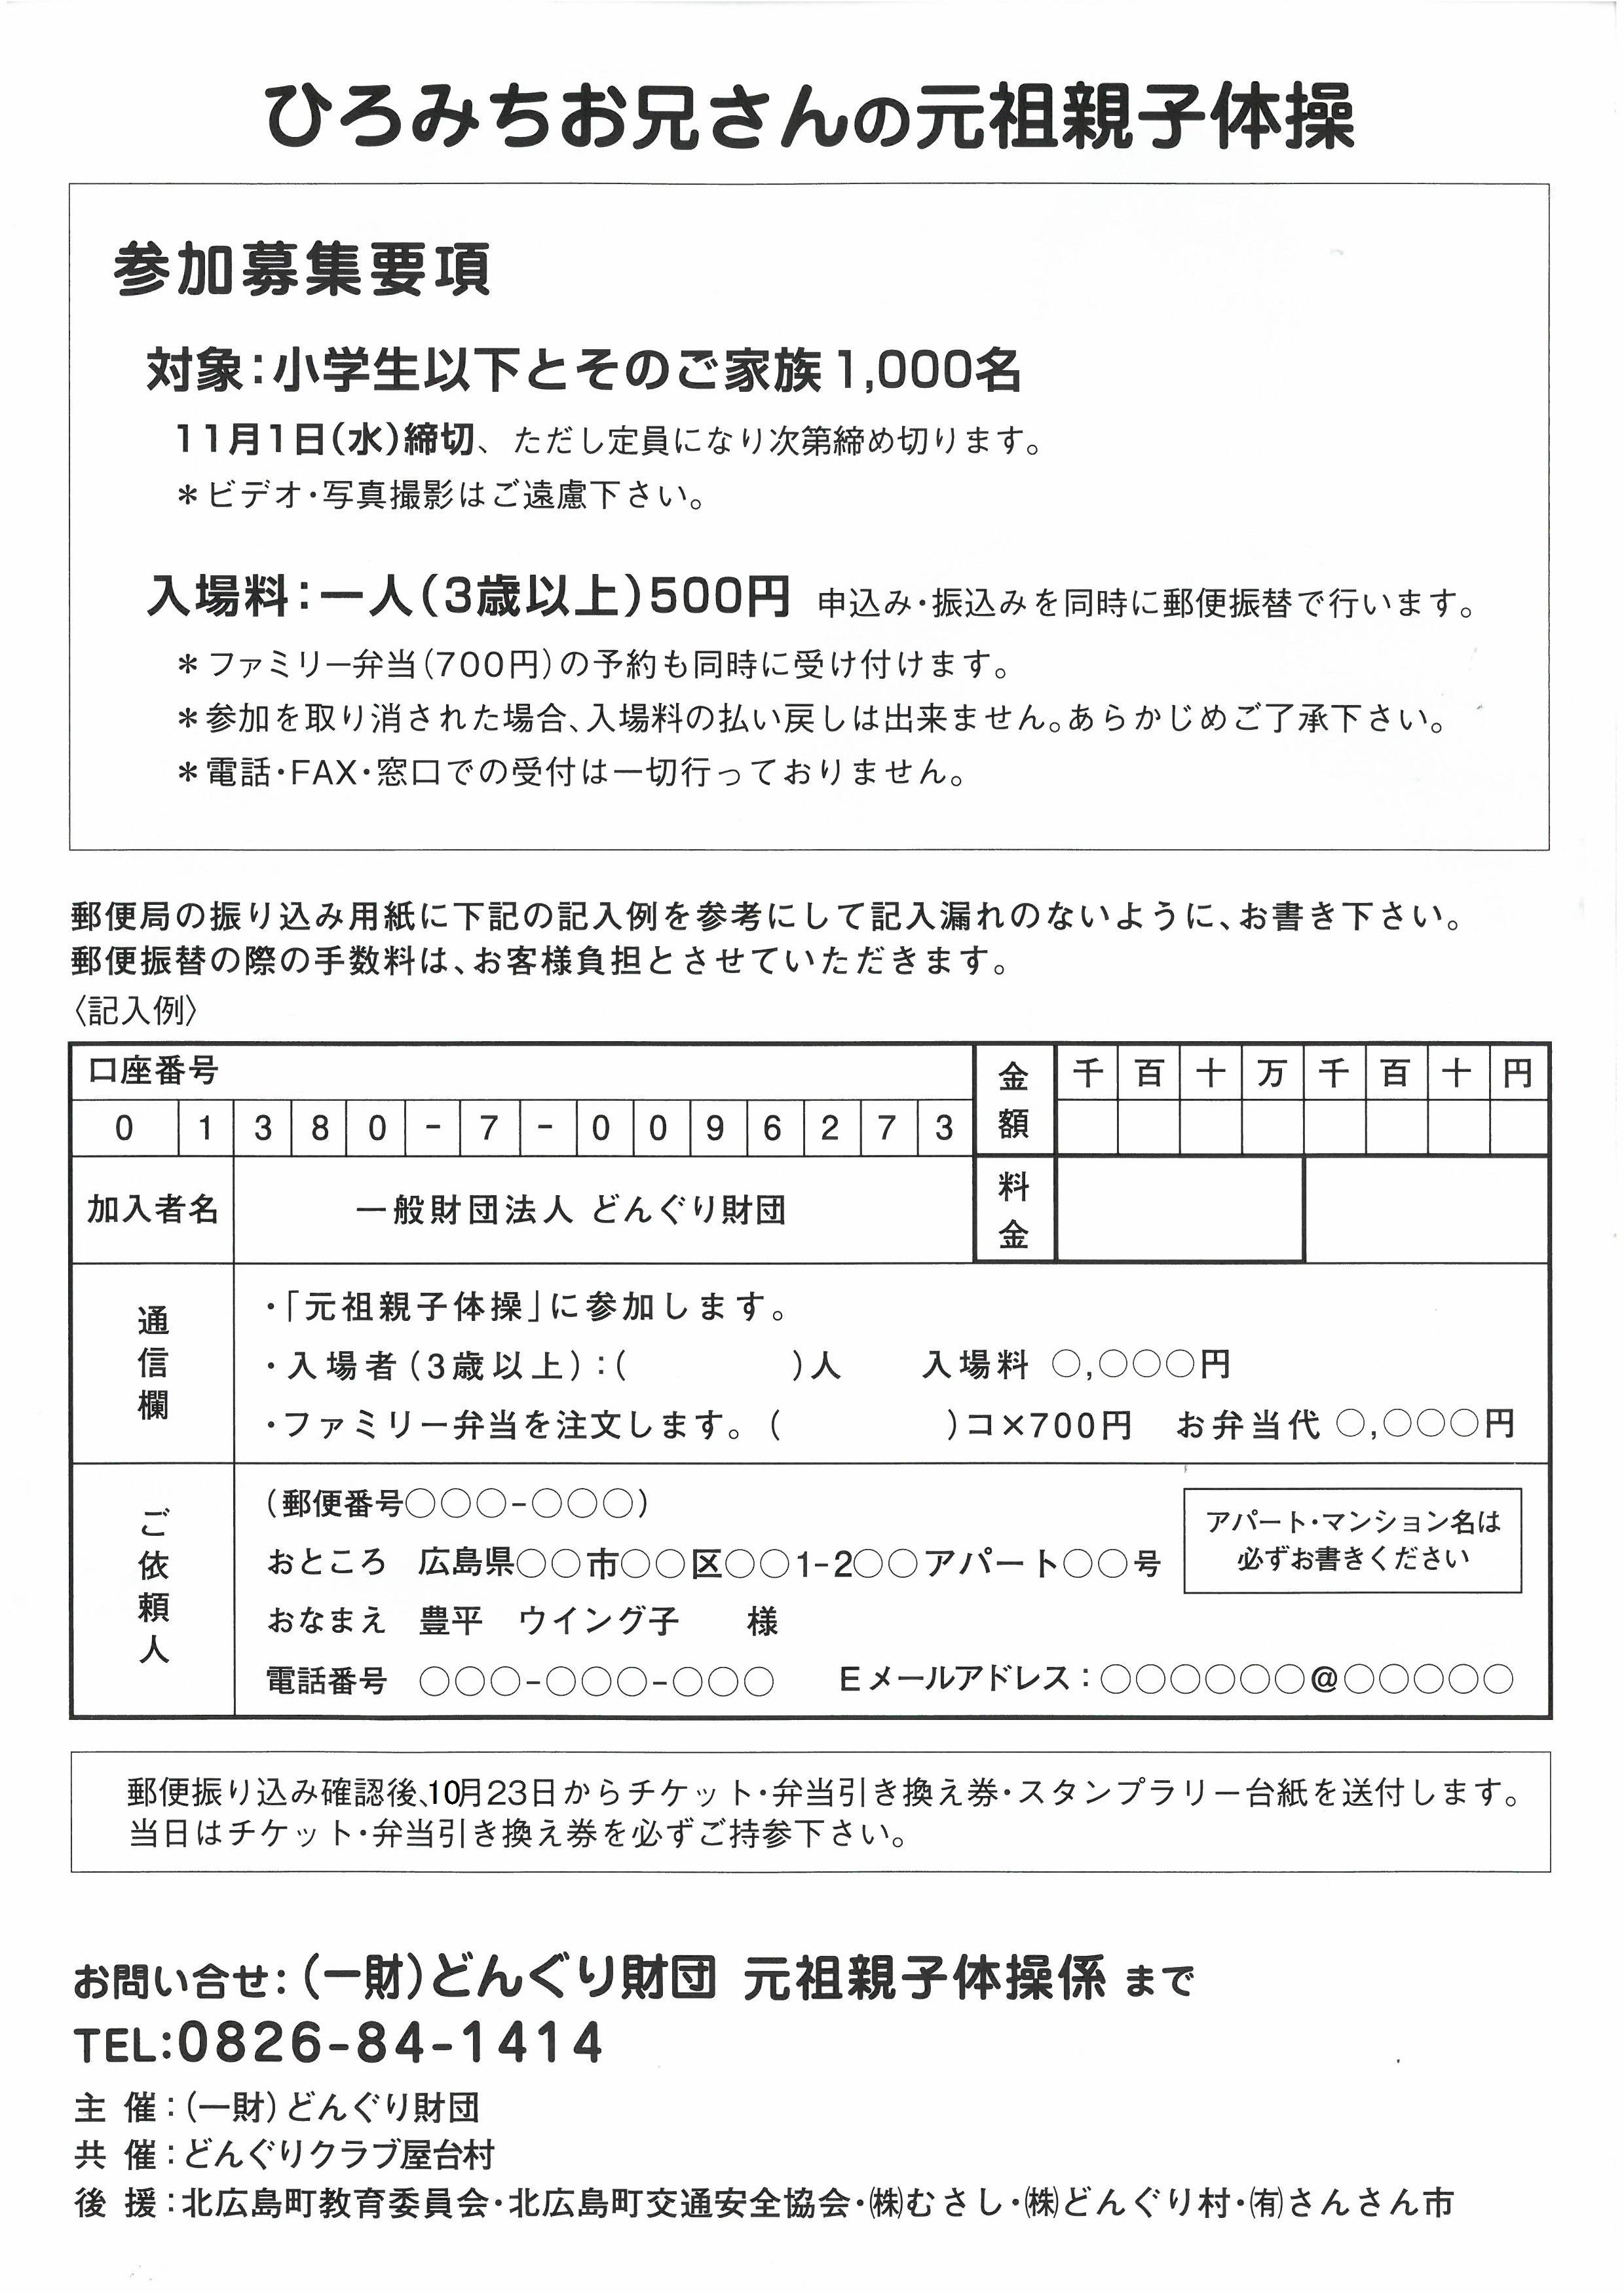 ポスター裏面送付日にち変更 JPEG